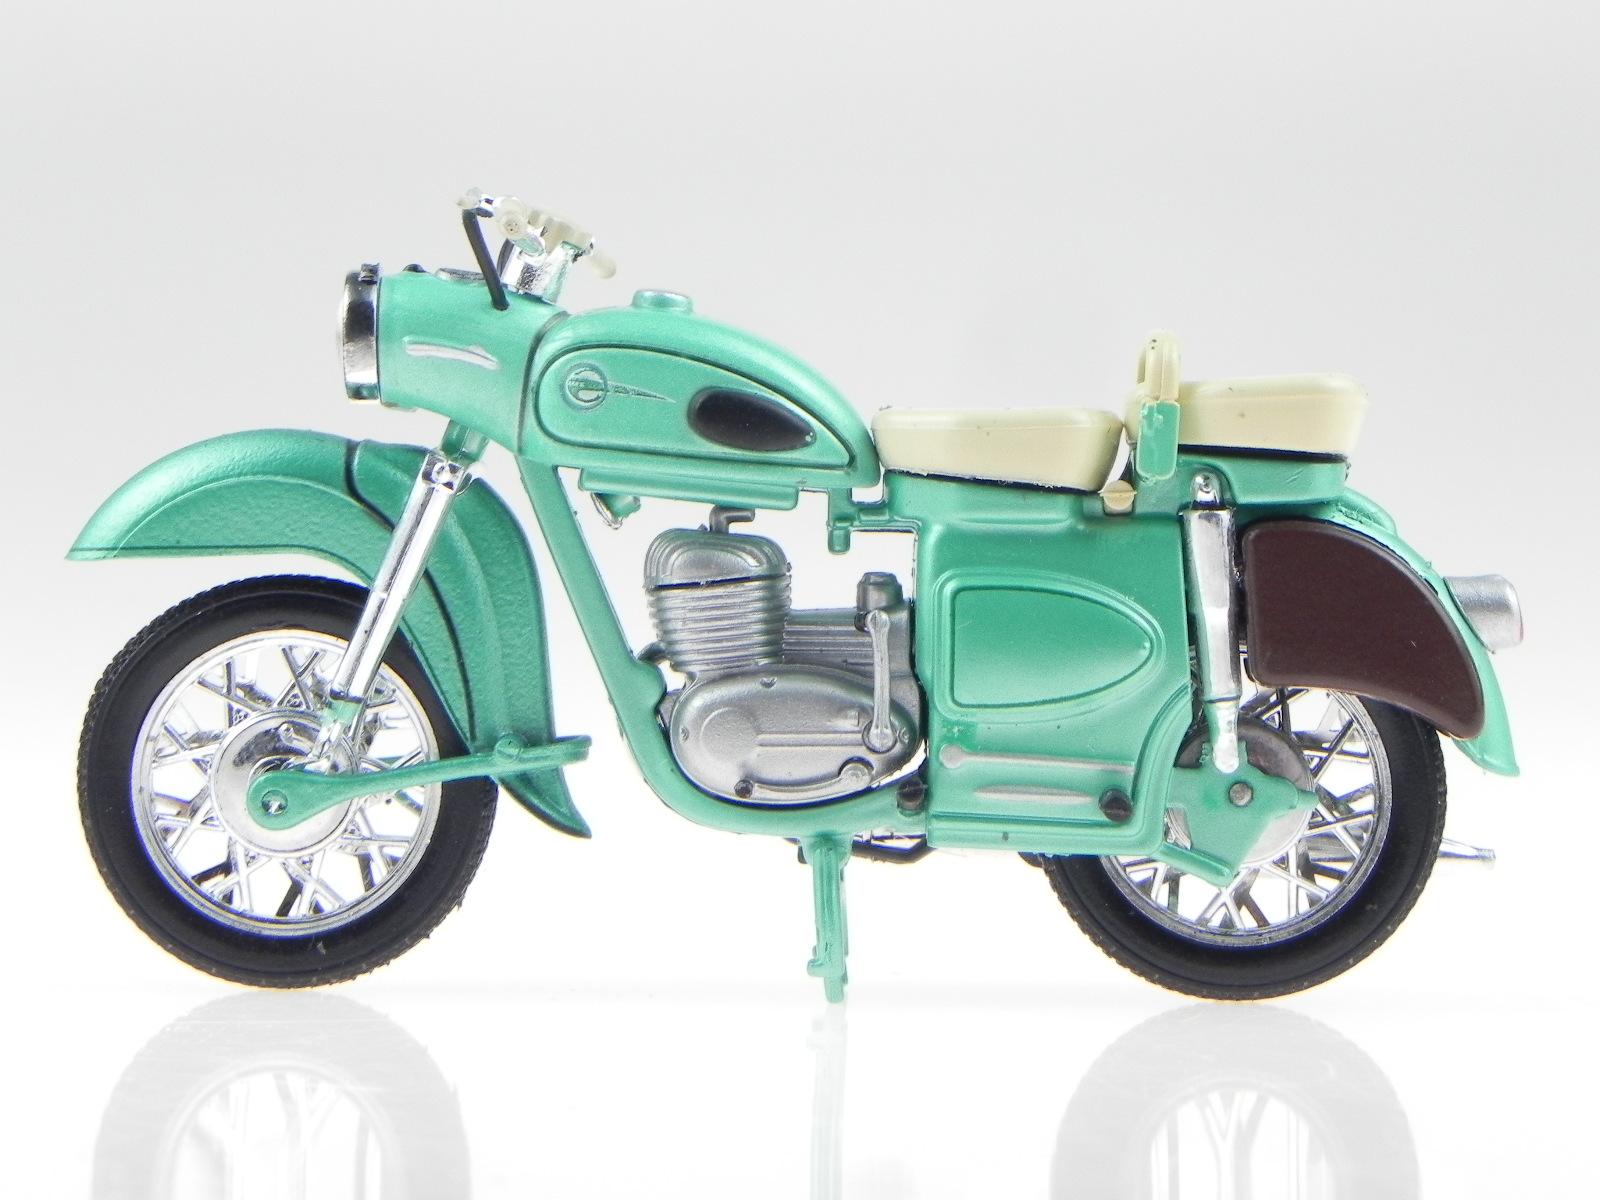 mz es 250 ddr ostalgie motorrad modell atlas 1 24 eur 19. Black Bedroom Furniture Sets. Home Design Ideas